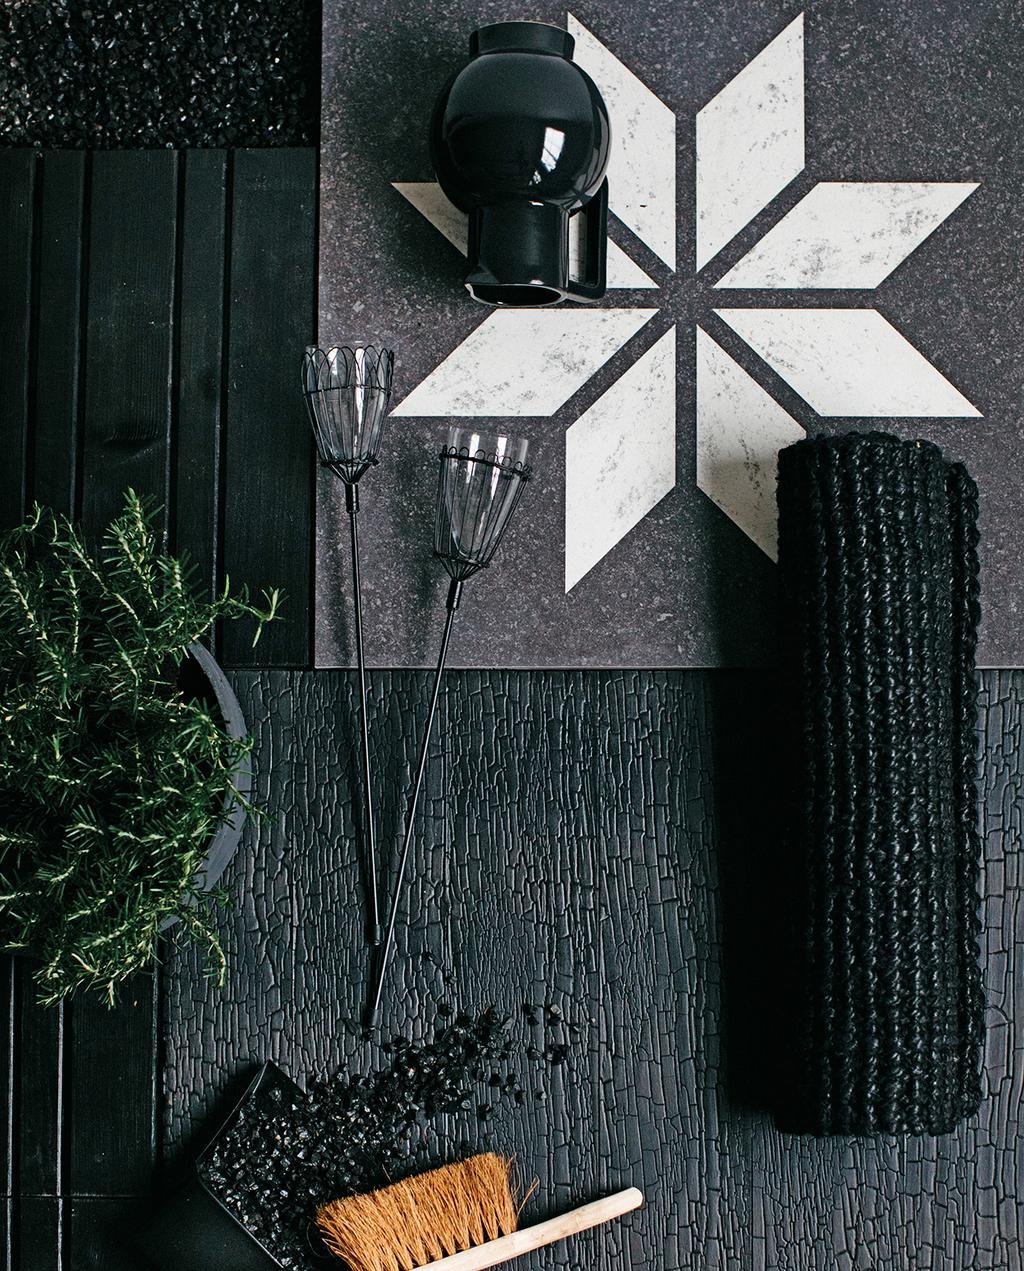 vtwonen tuin special 1 2020 | zwart hout en tegel met ster patroon trendkleur zwart